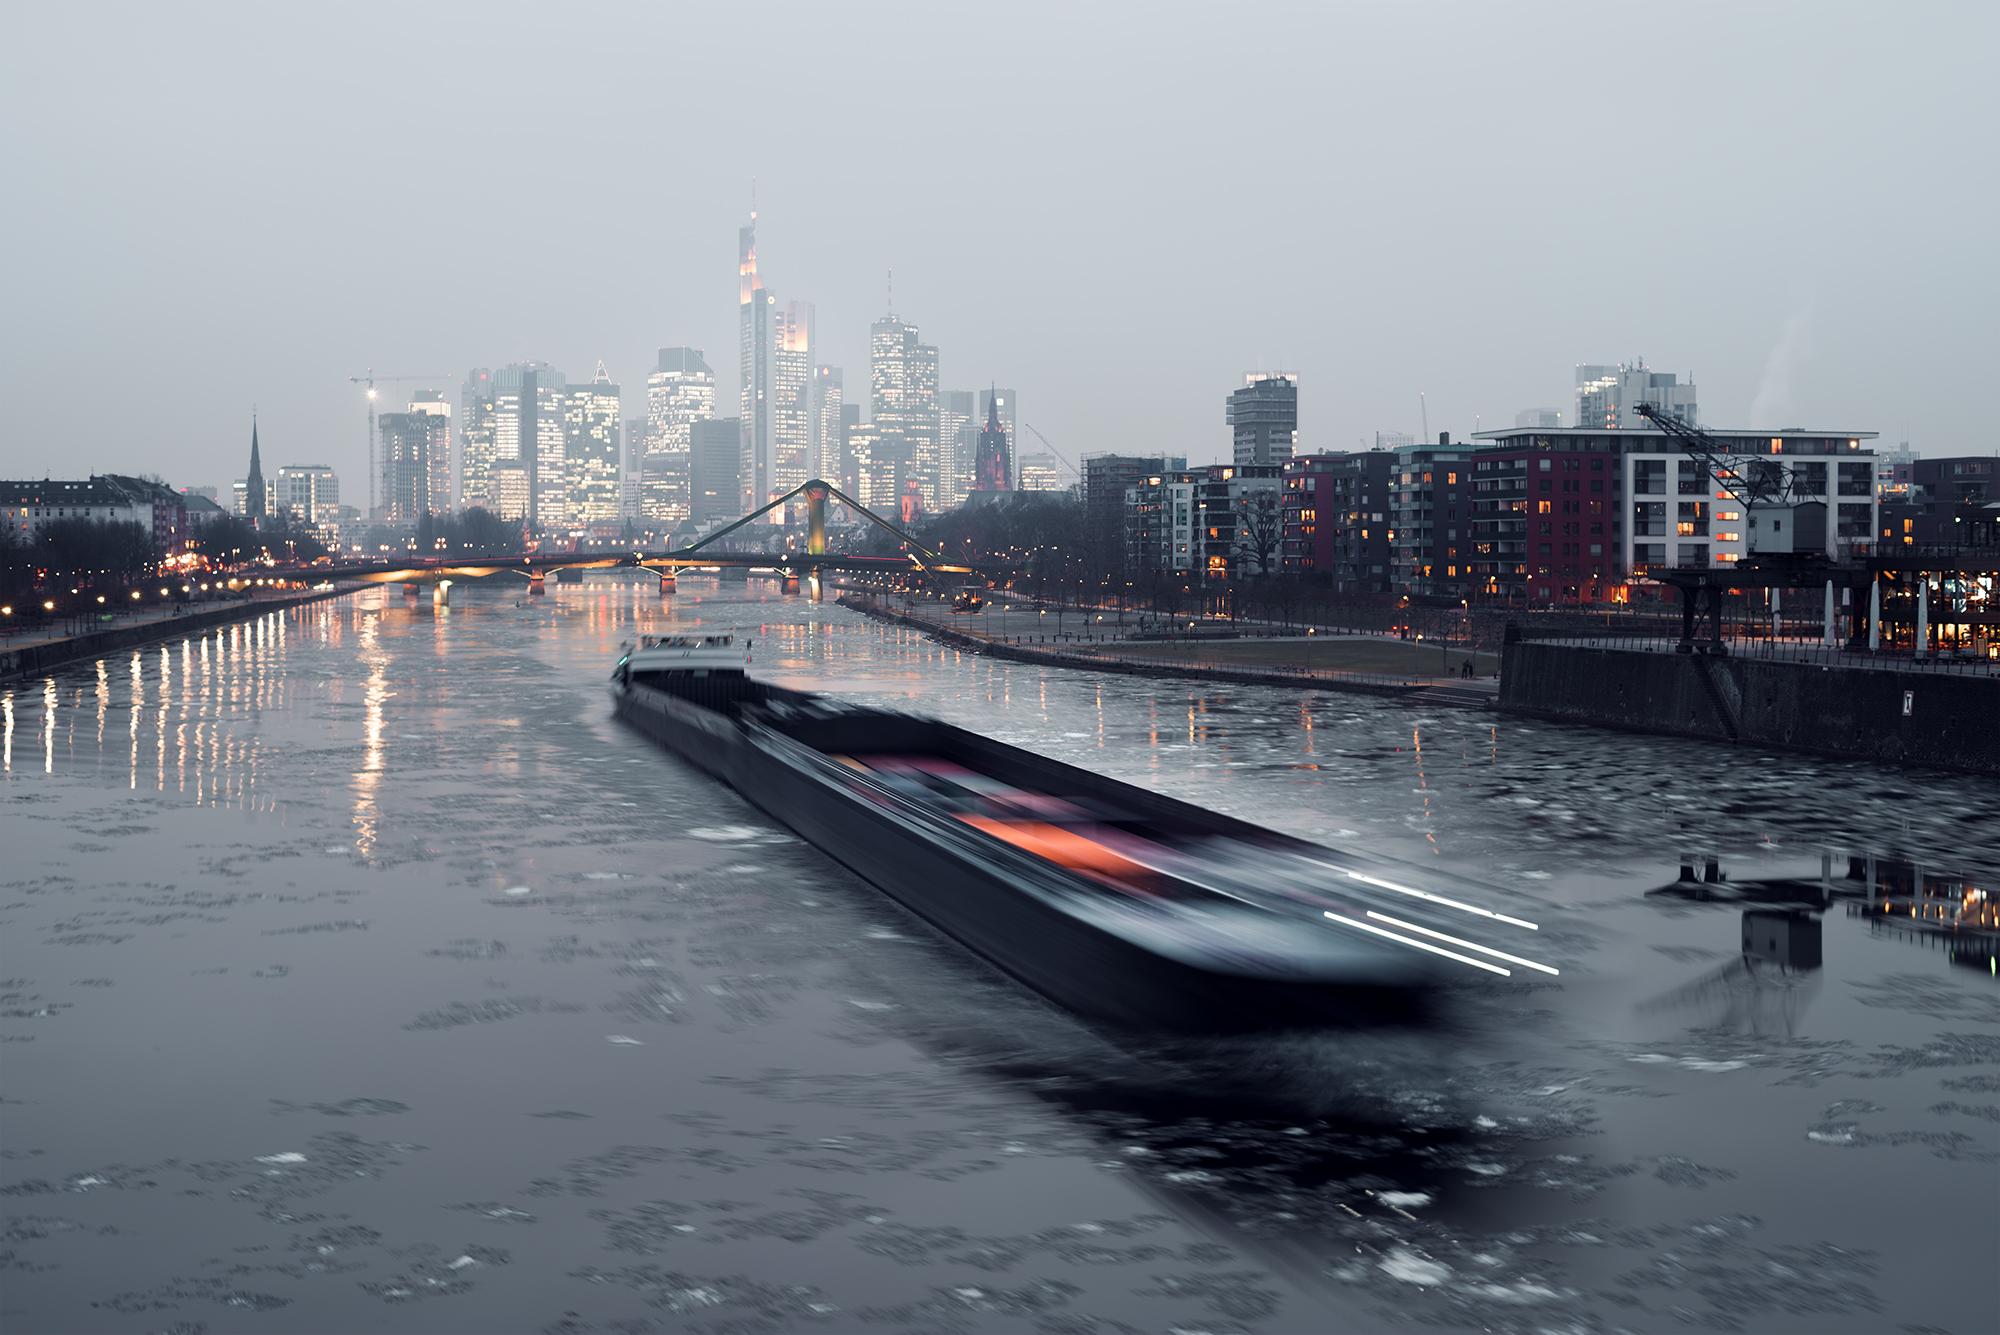 Durch die etwas längere Belichtungszeit von ca. einer Sekunde wirkt das Schiff im Vordergrund verschwommen.